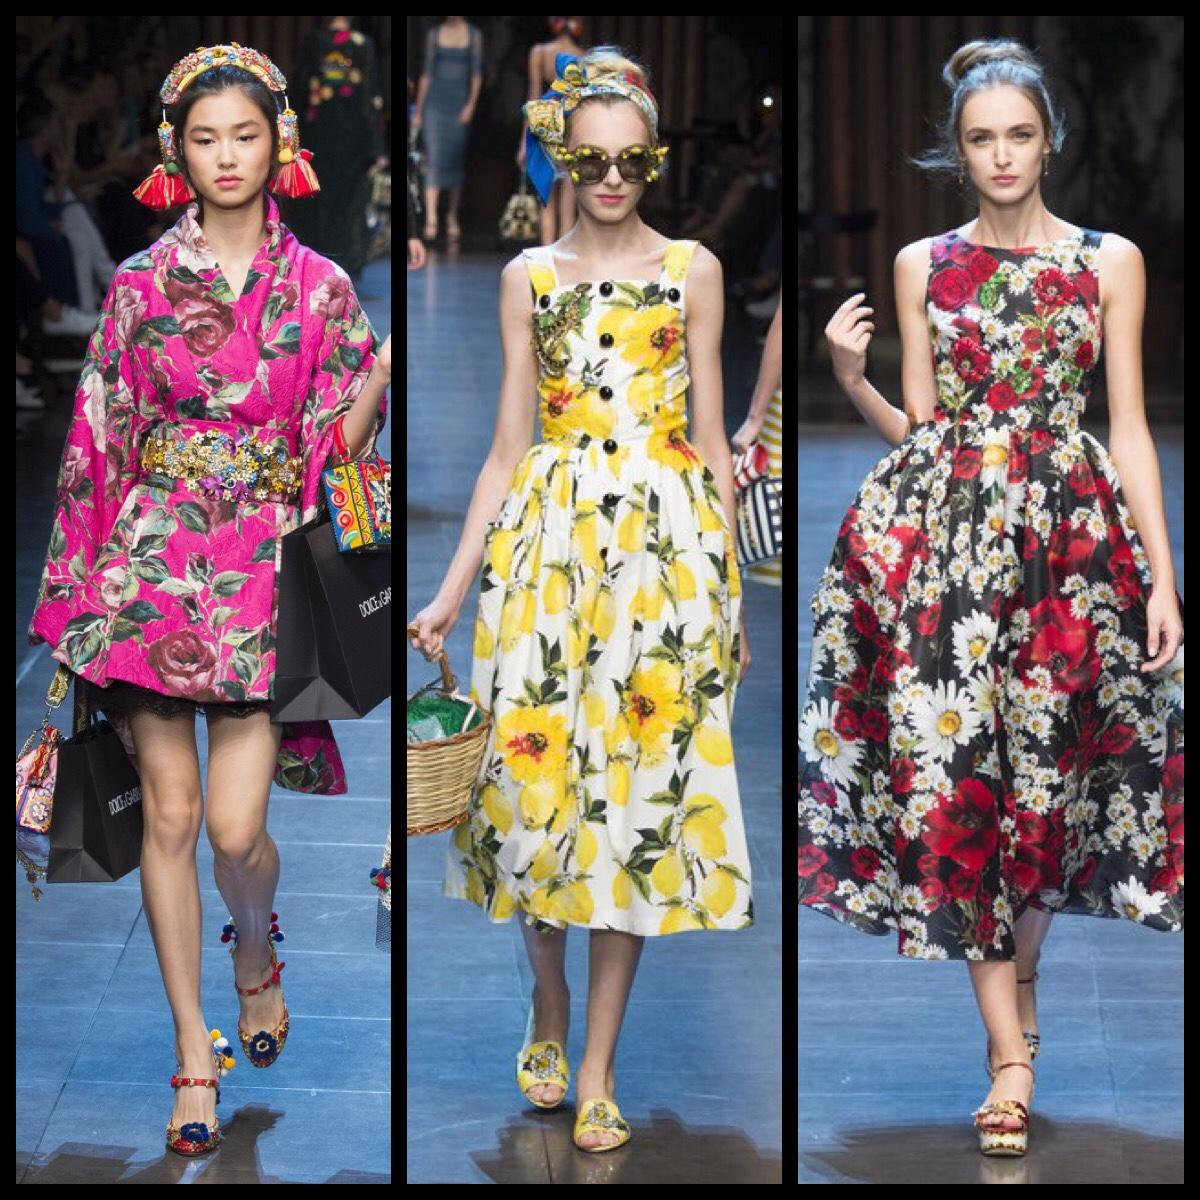 Dolce&Gabbana SS 2016